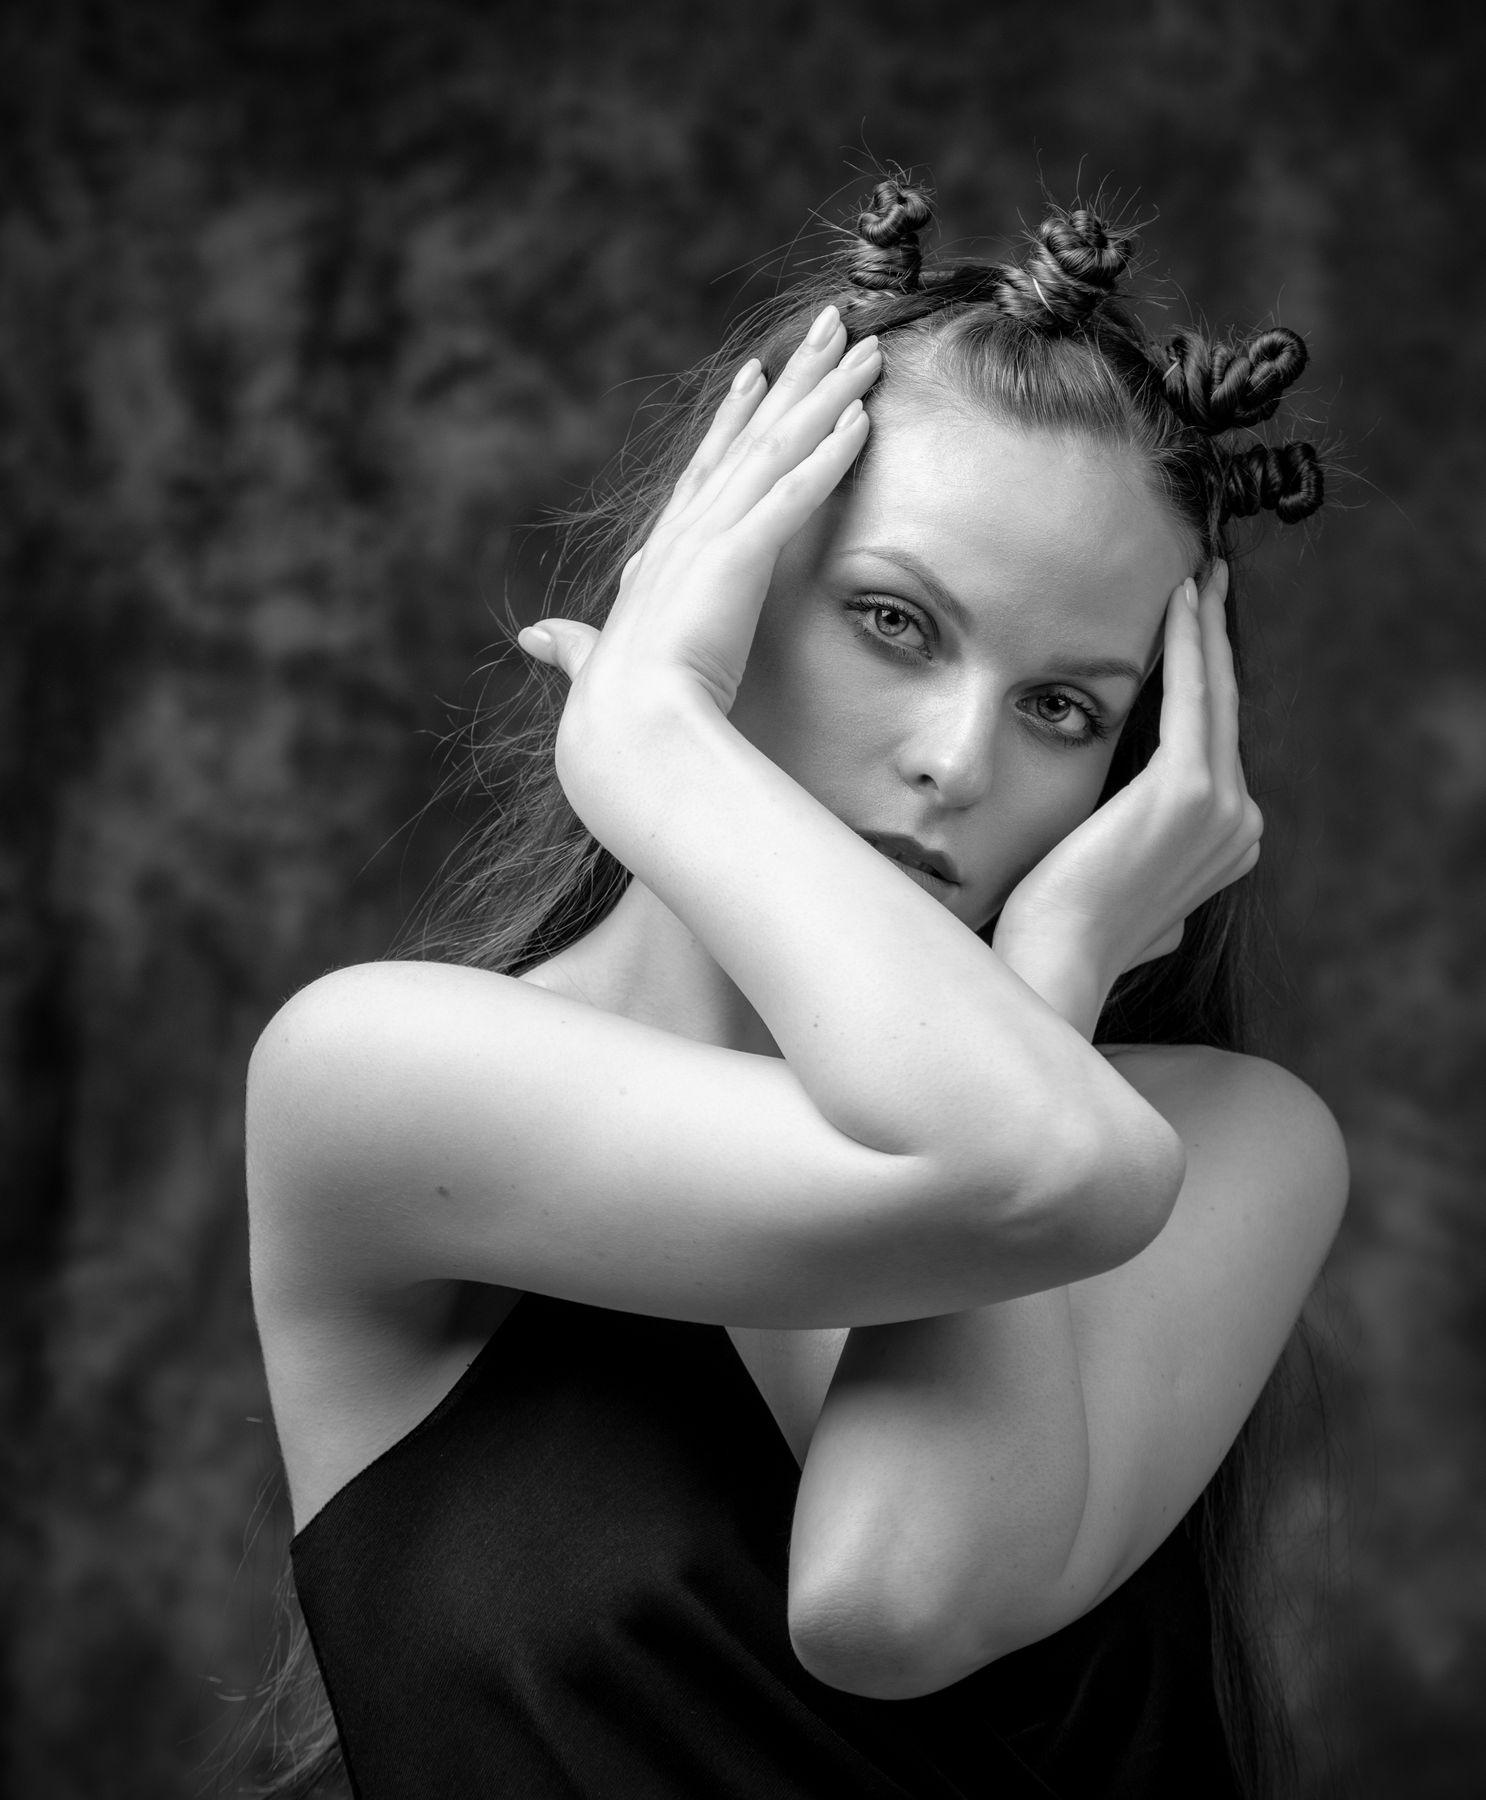 Алиса Л Студийный портрет Арт красивая девушка женский фотосессия